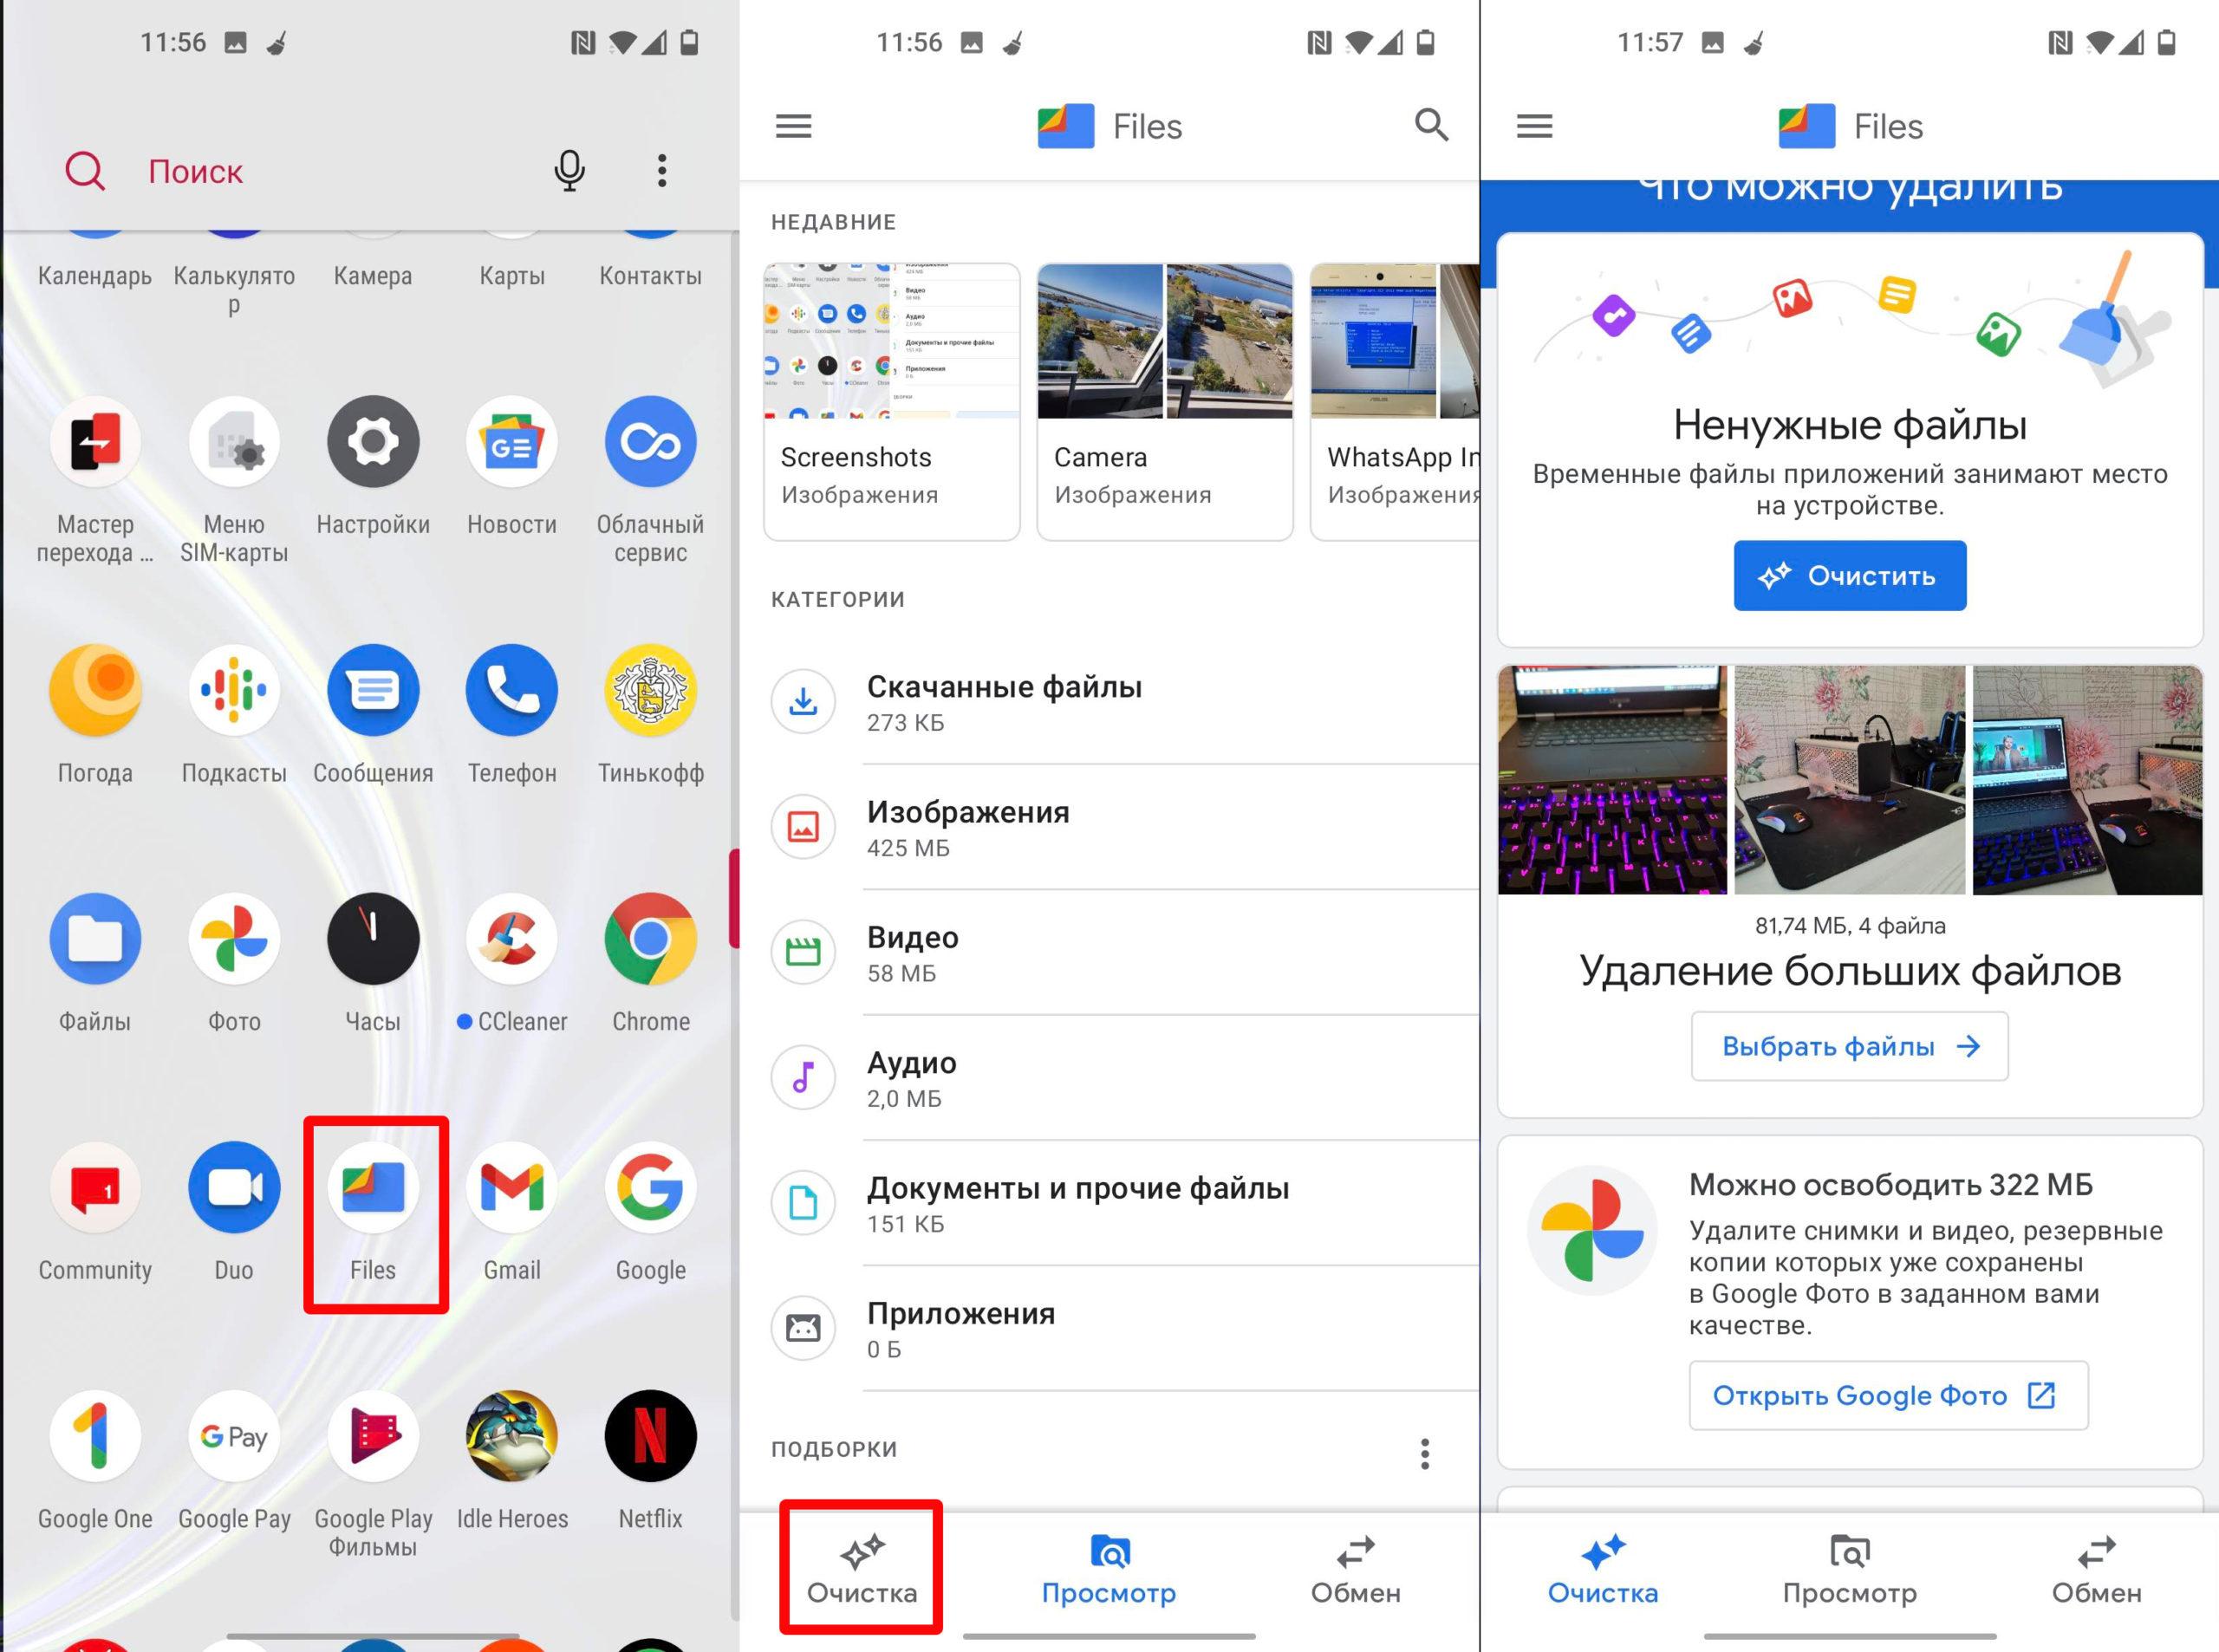 Как убрать безопасный режим на телефоне Android: ответ Бородача